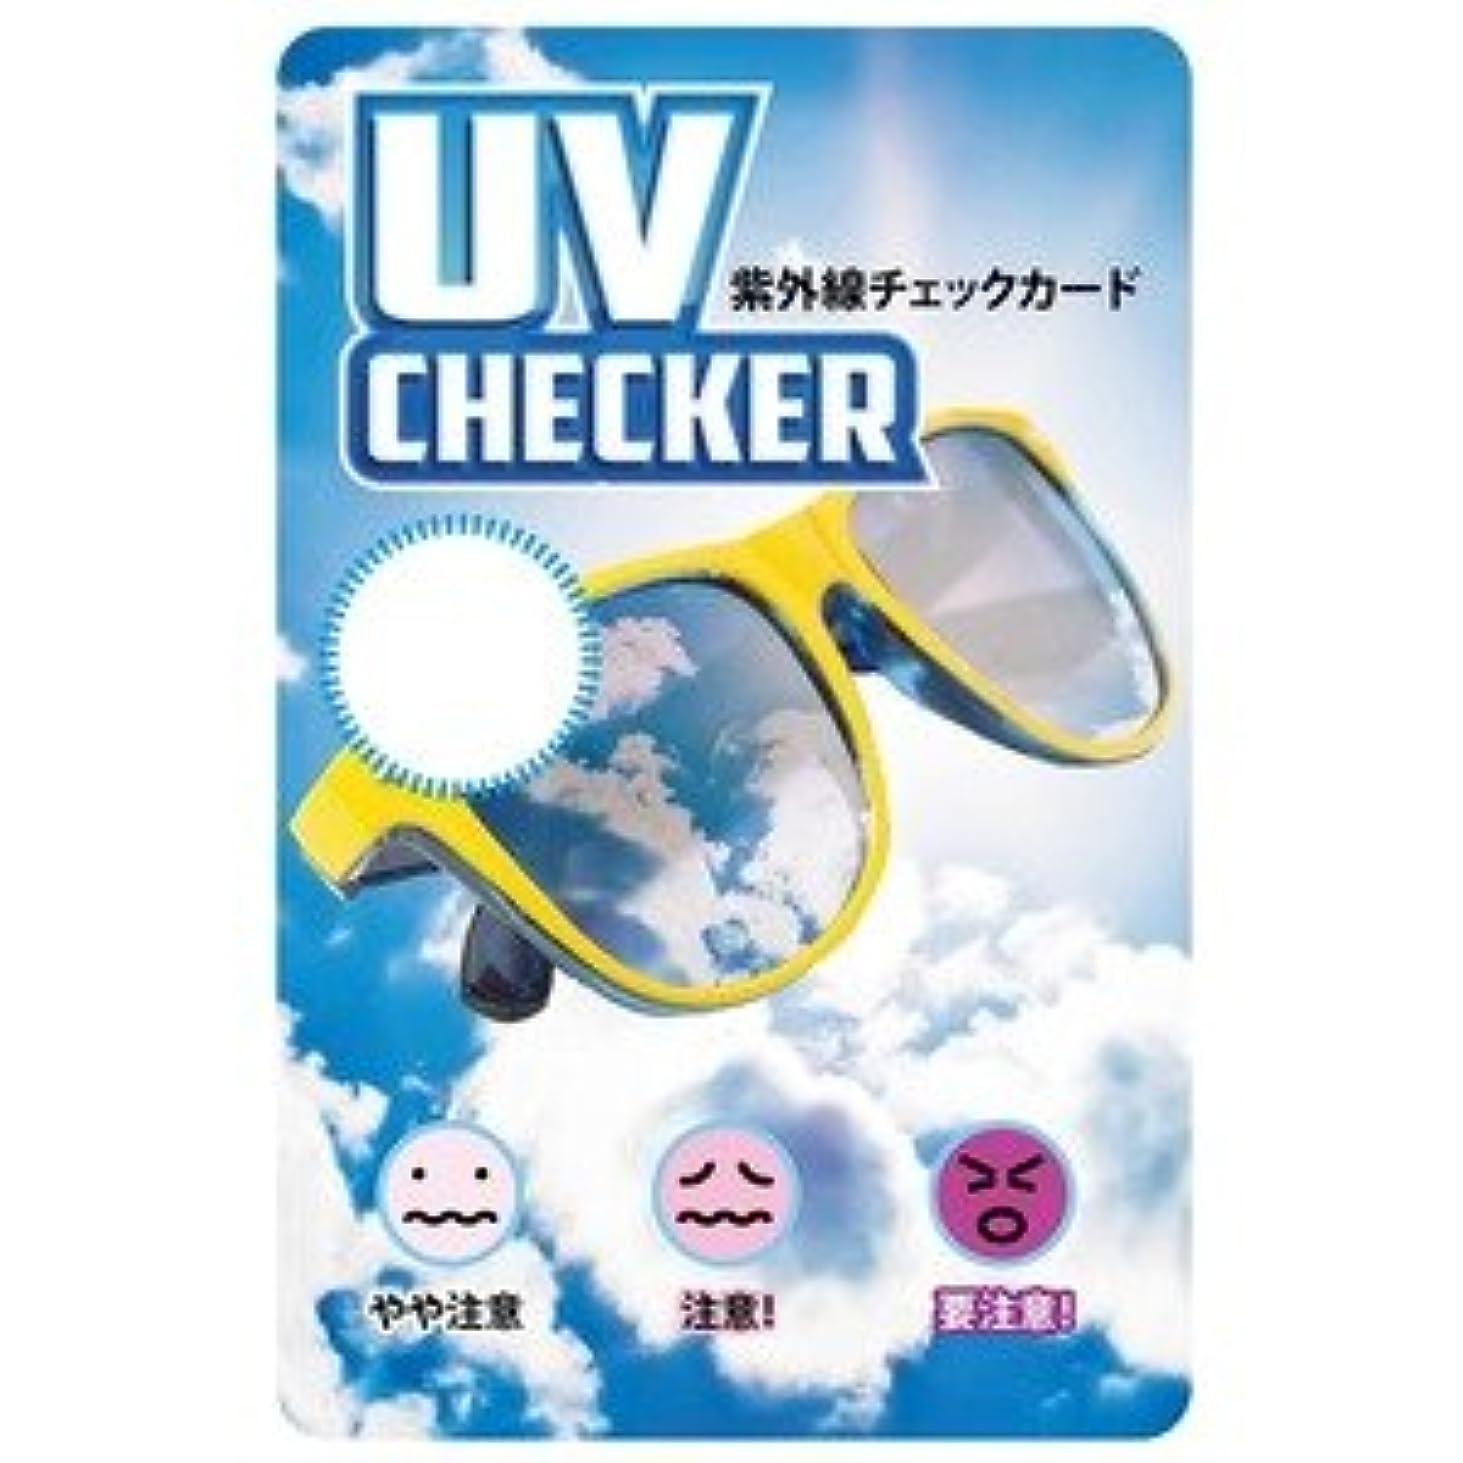 ドーム反対した観察する紫外線チェックカード?UV6 【100枚セット】 紫外線対策